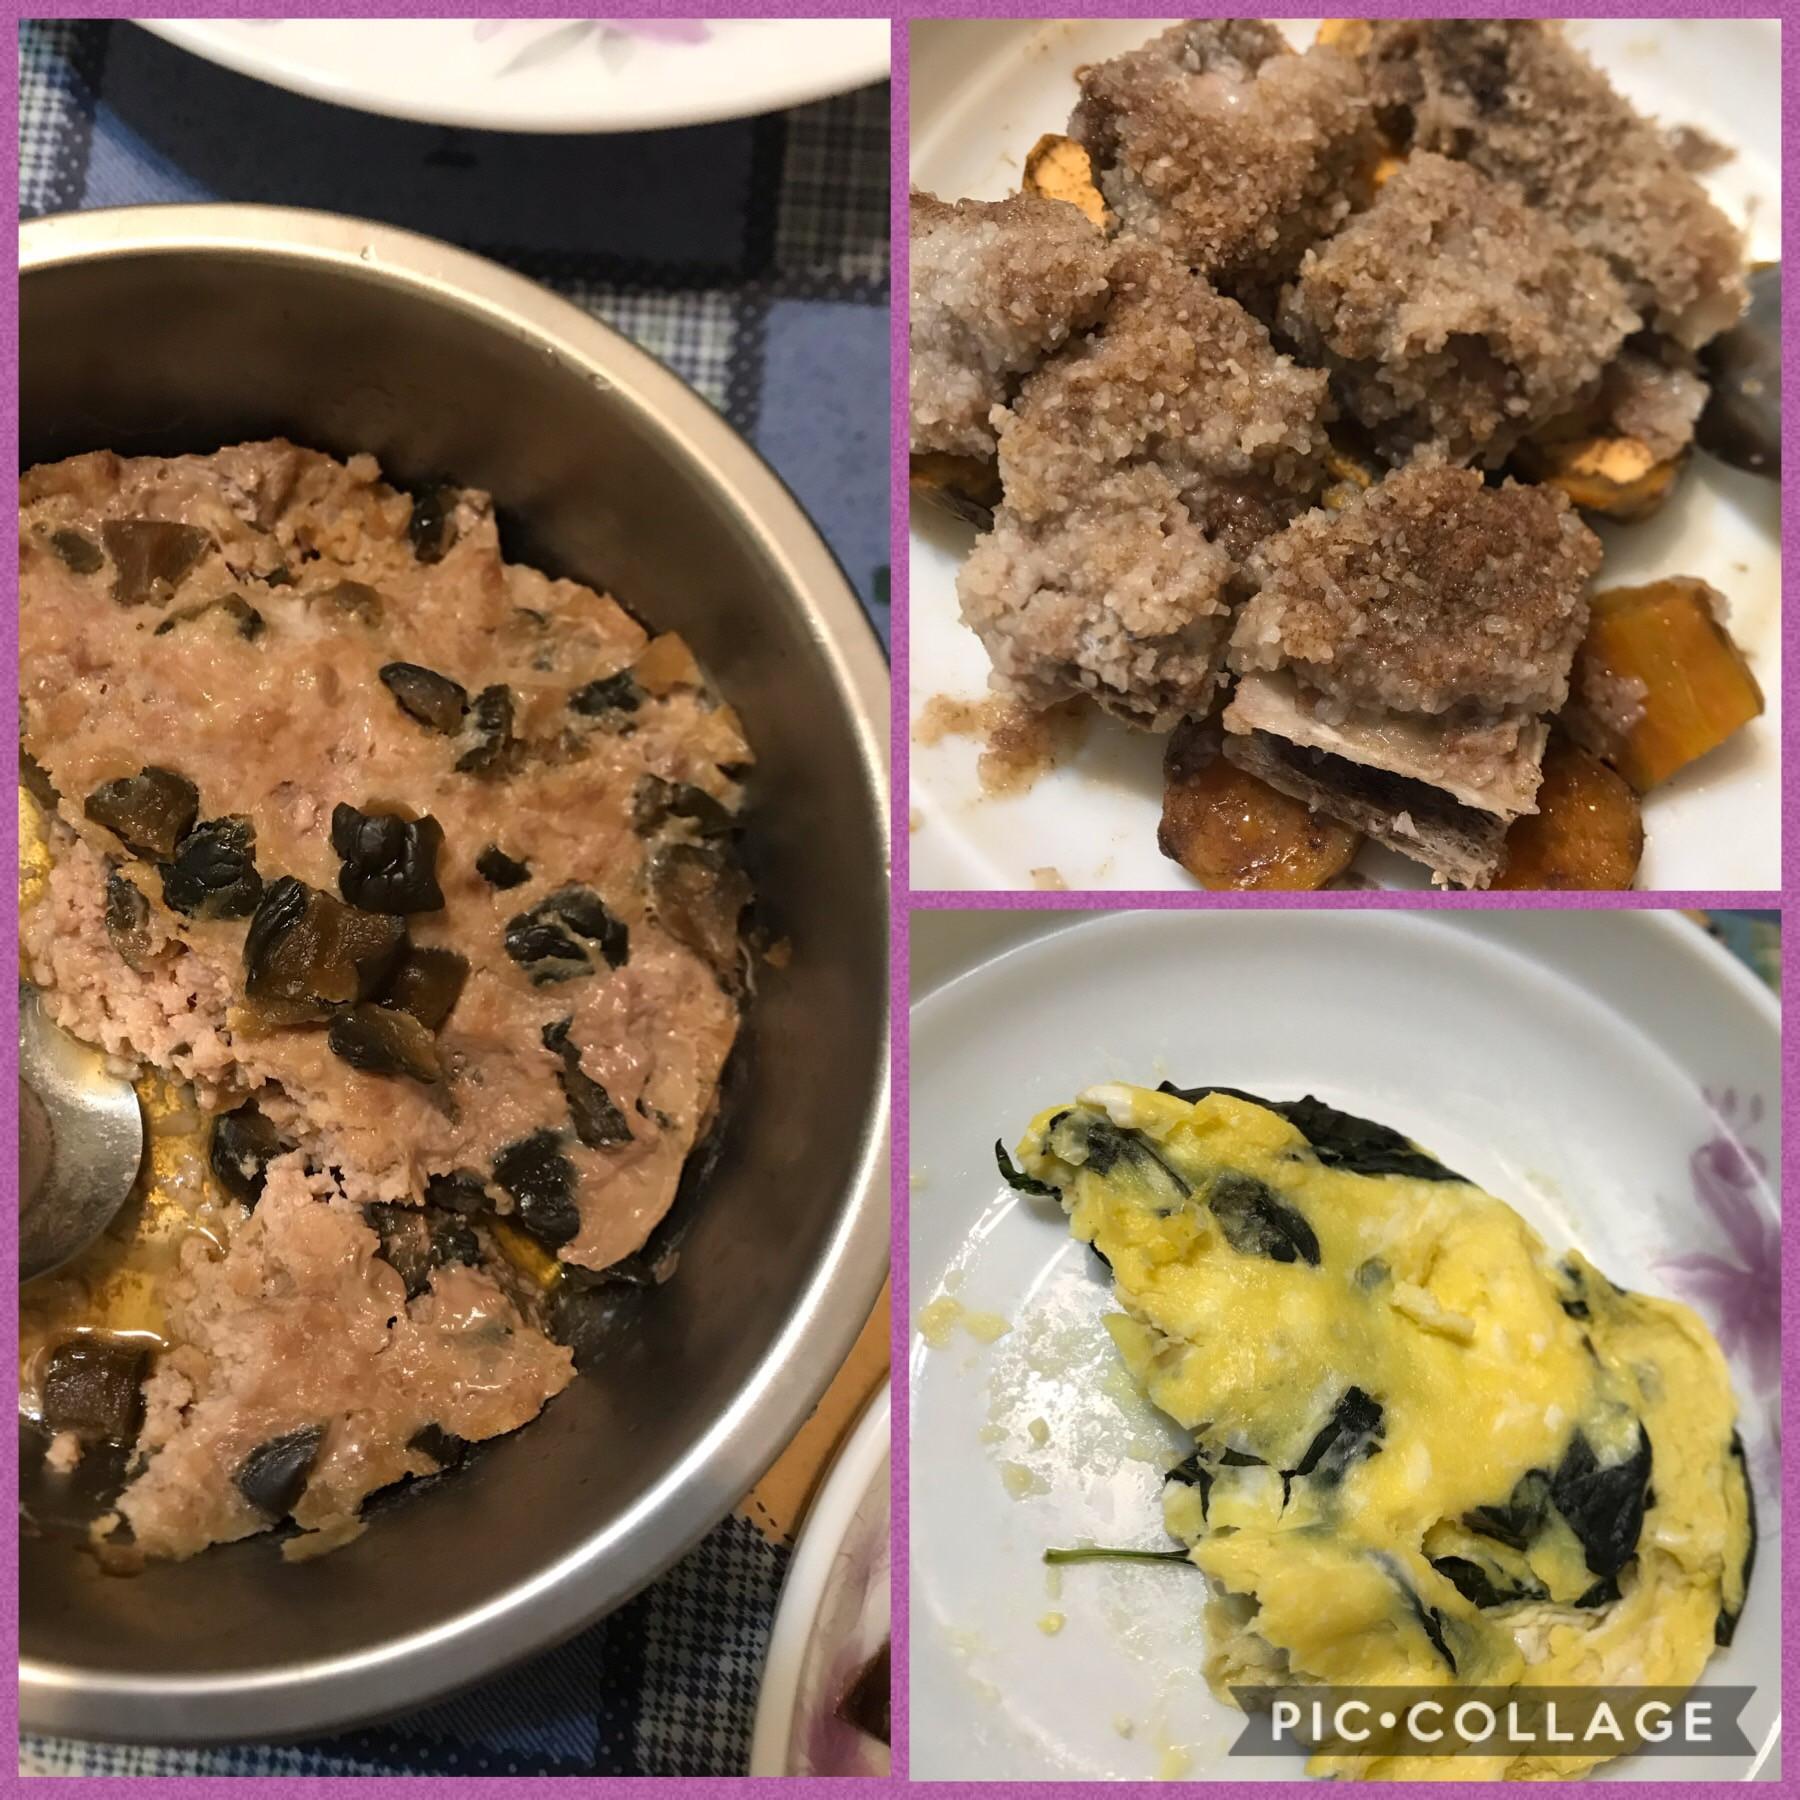 簡易3菜-瓜仔肉+粉蒸排骨地瓜+九層塔蛋